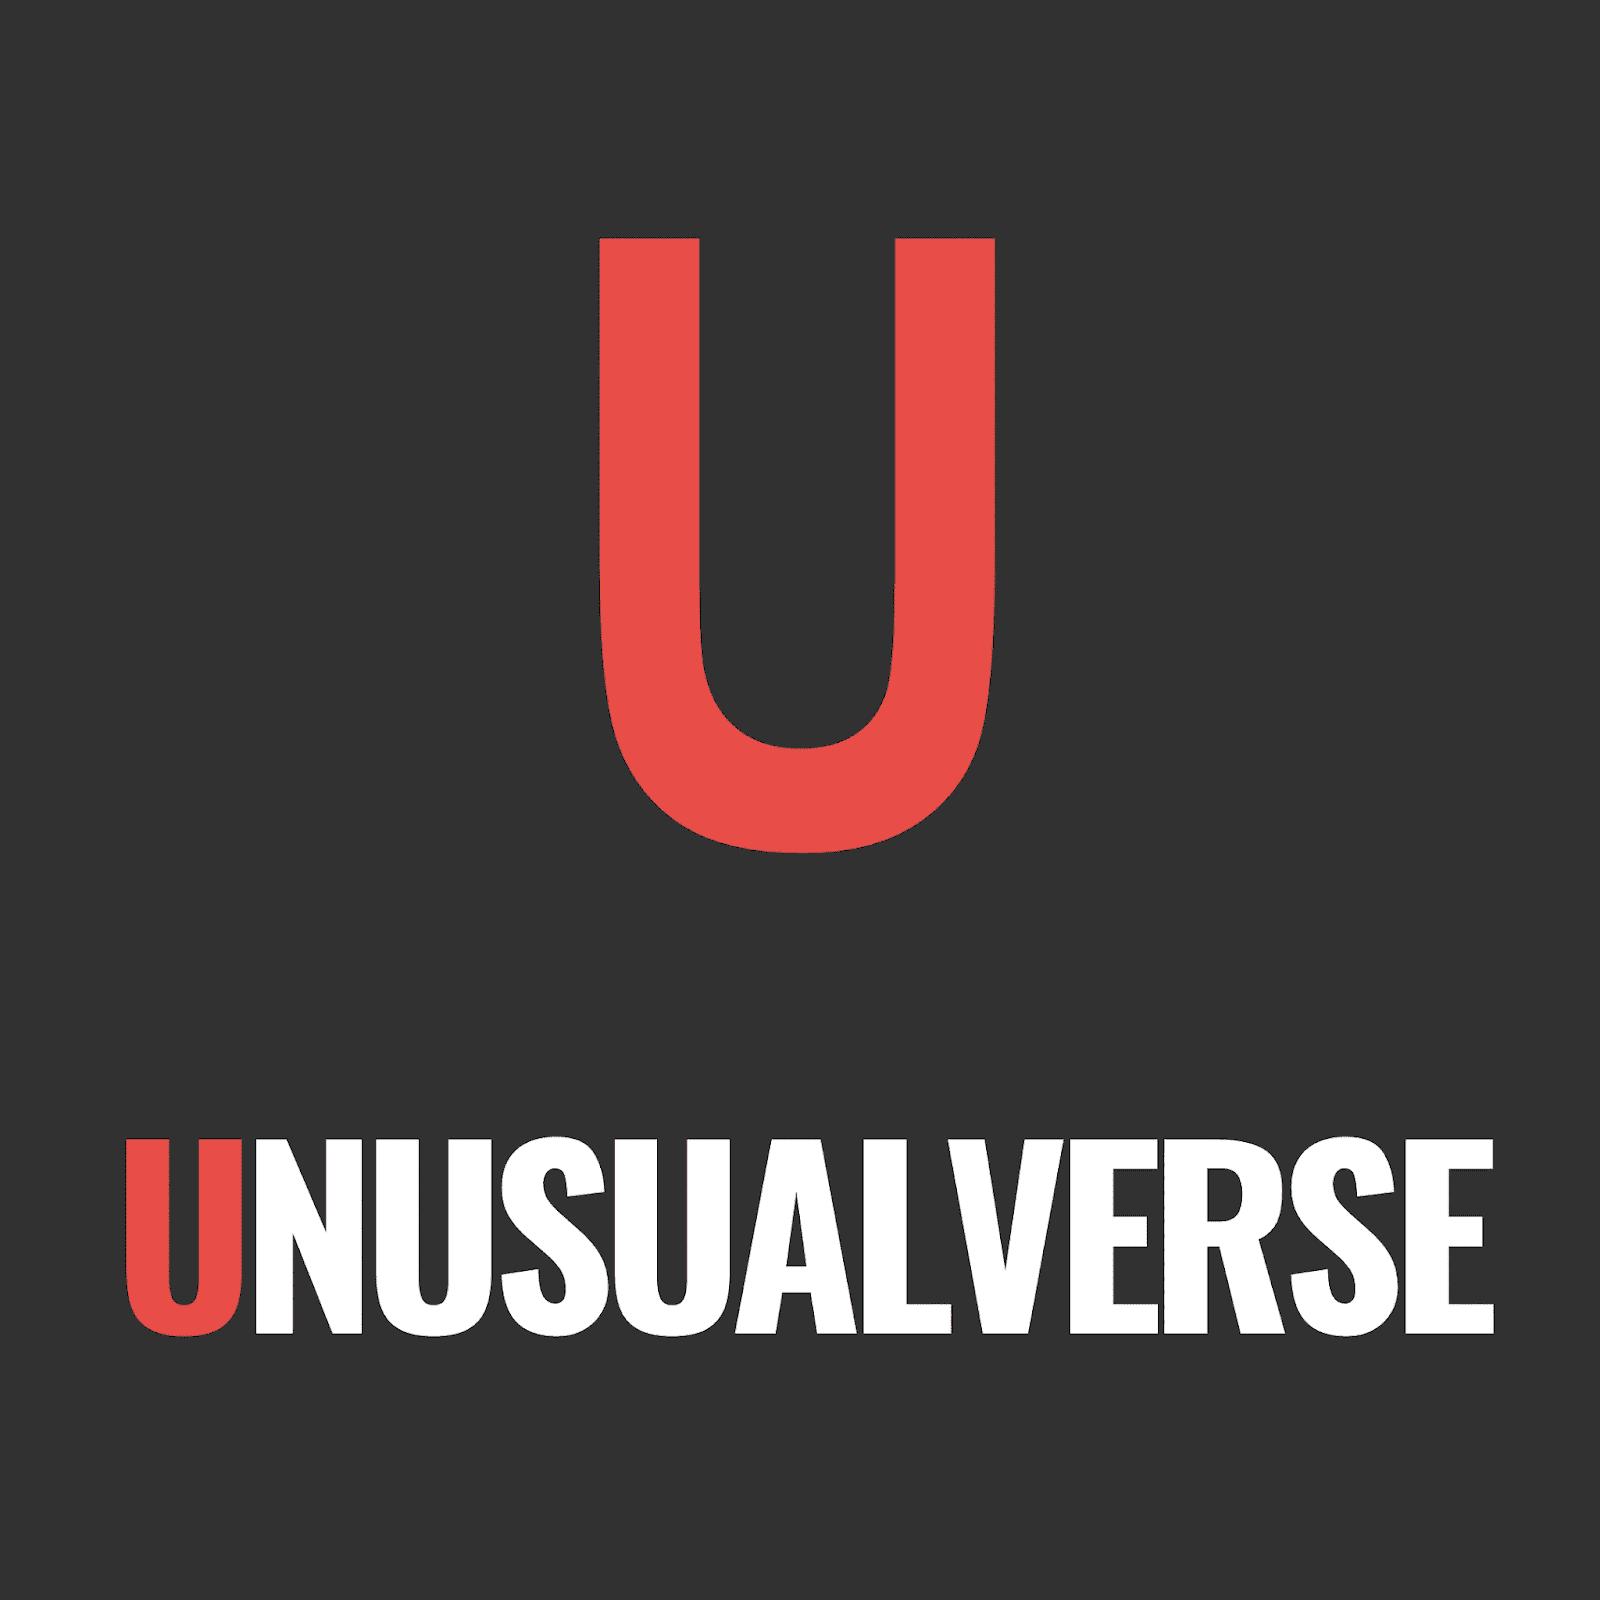 Unusualverse